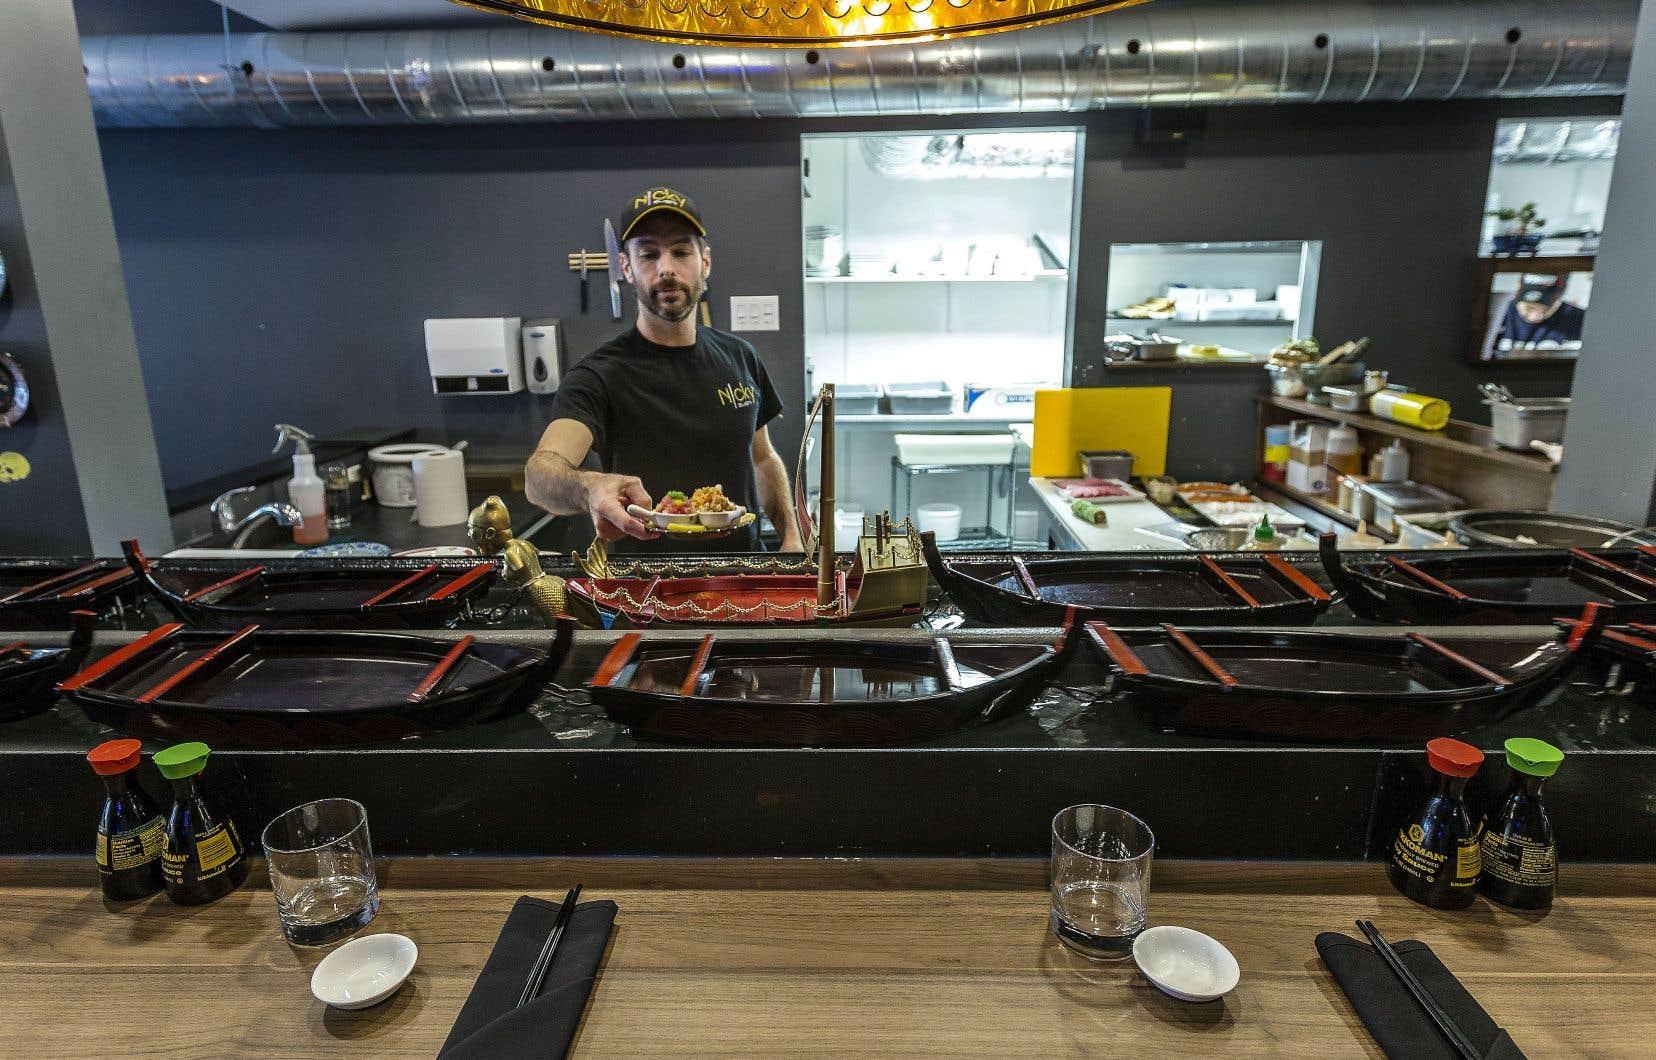 Dans ce resto de «sushi rotatif», les plats préparés à mesure sont présentés en libre-service sur un tapis roulant ou un autre dispositif qui les fait circuler devant les clients.